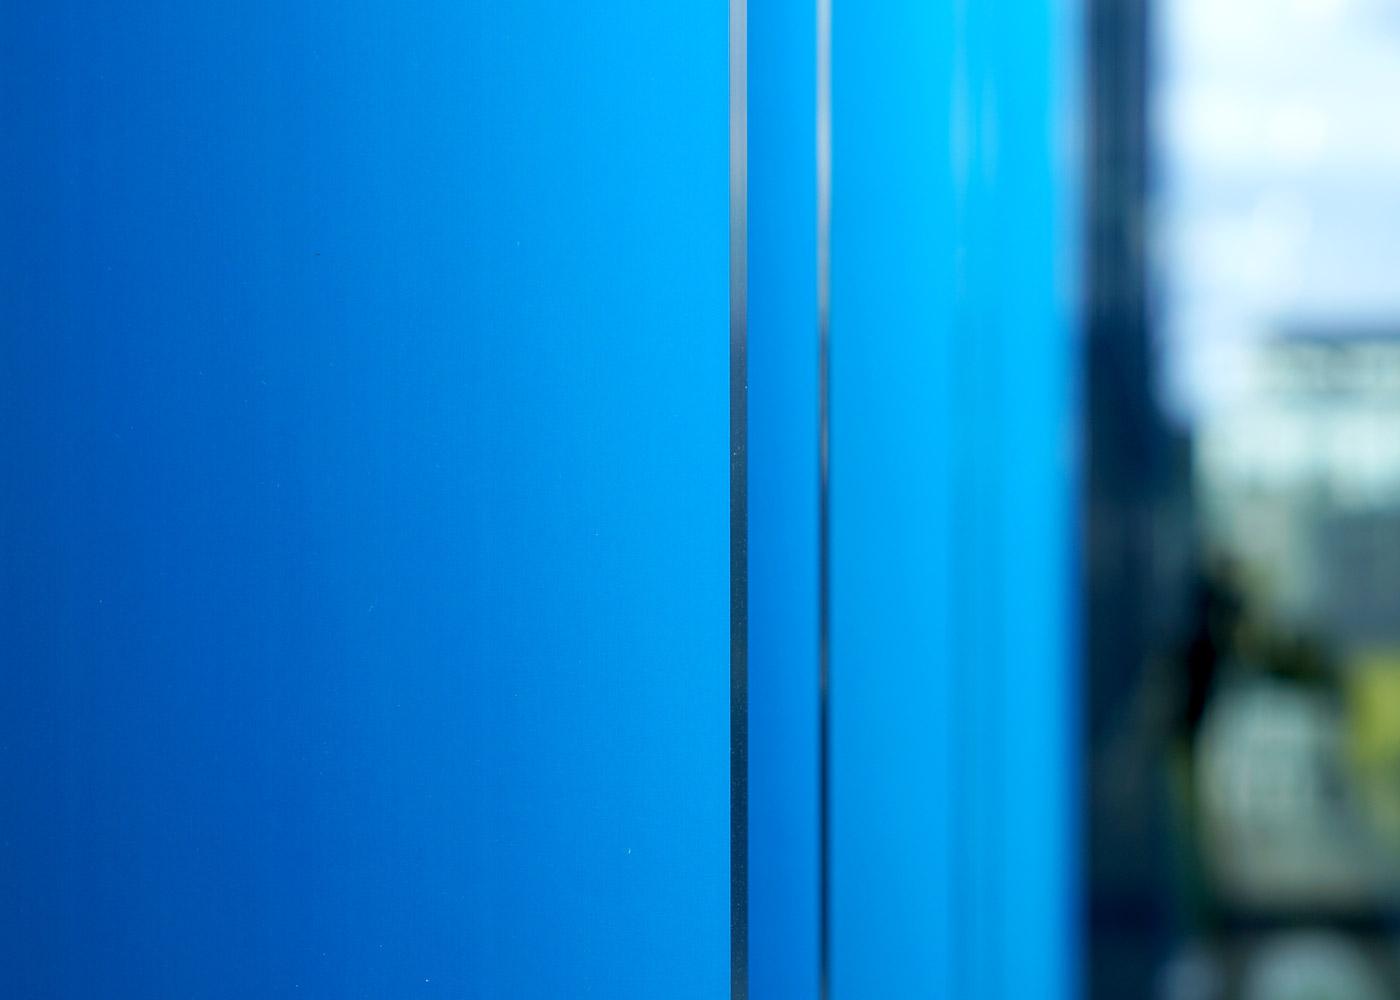 SANDALOR Türkisblau, ist die Farbe des Himmels und der Ozeane.